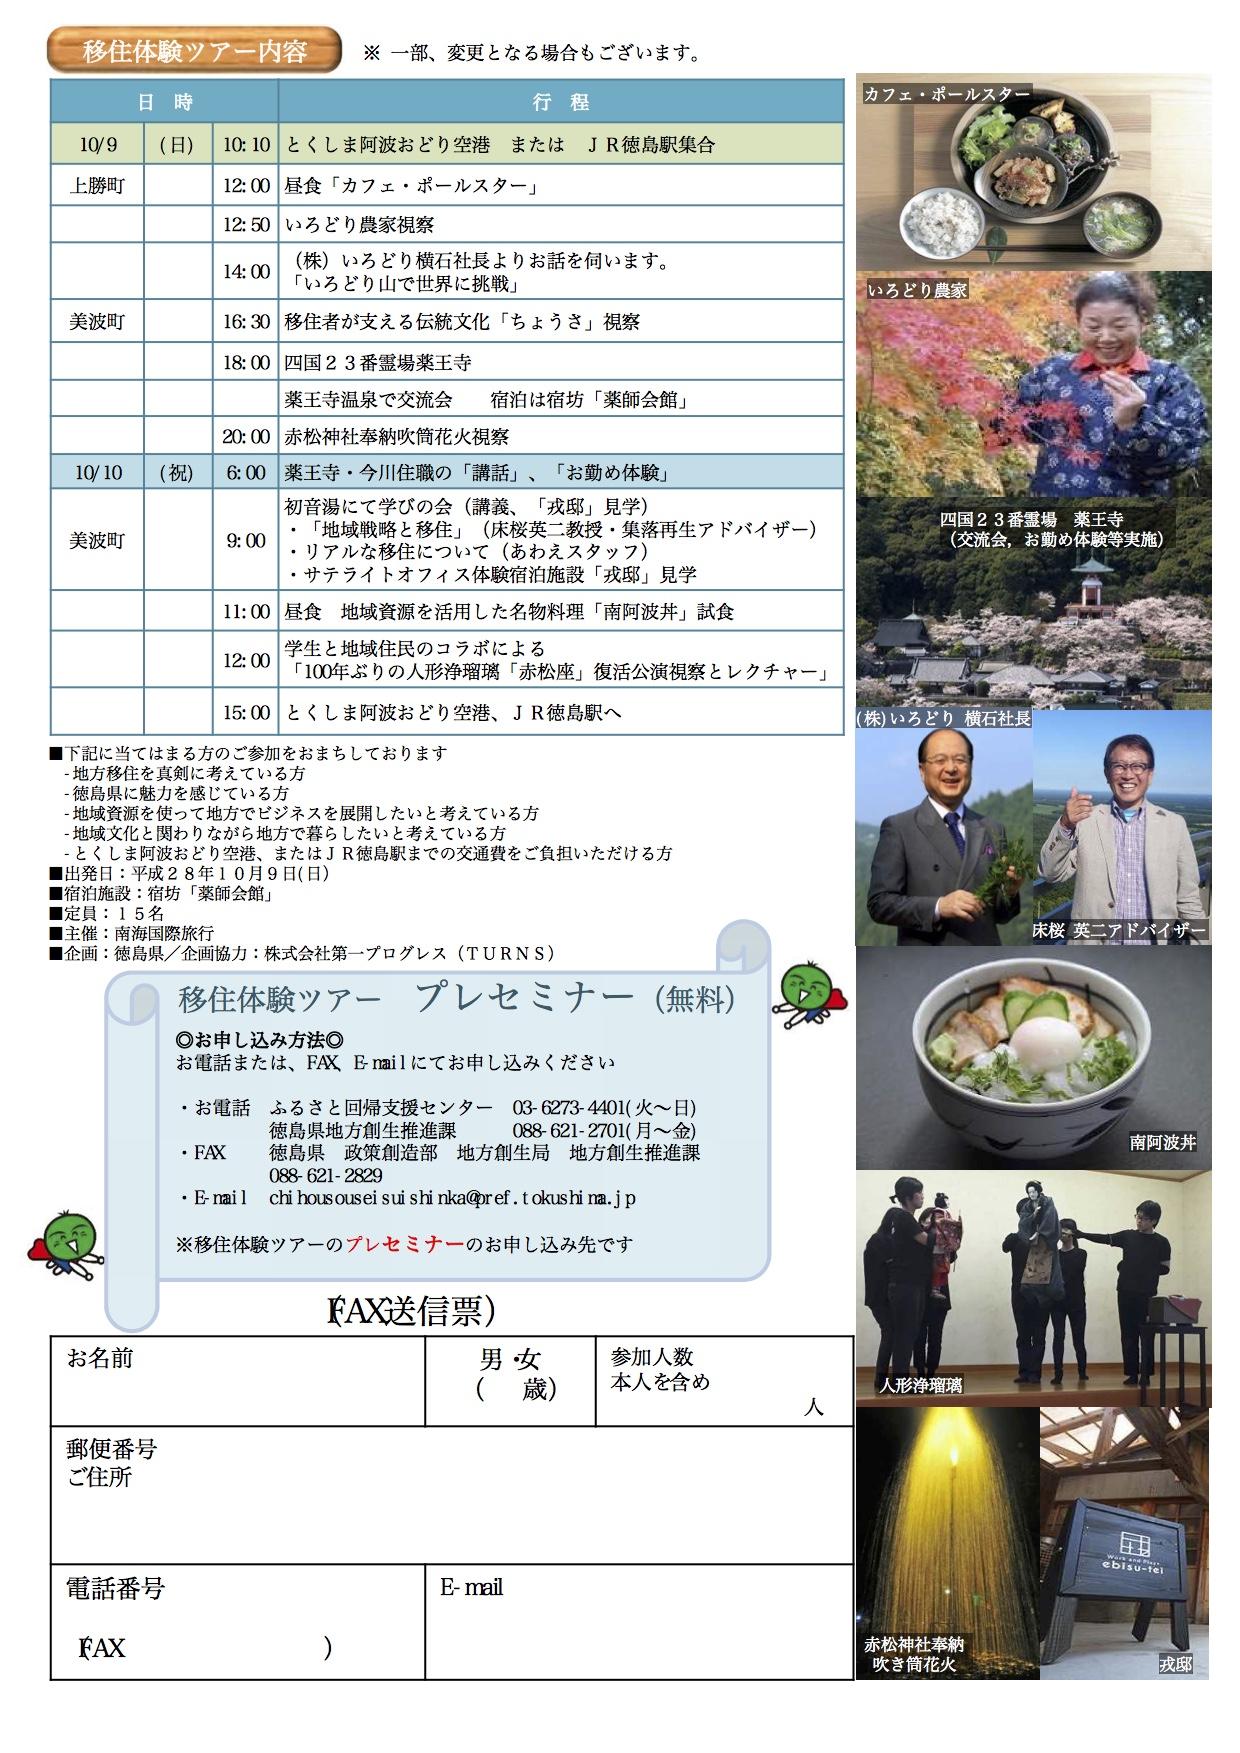 tokushima tour2